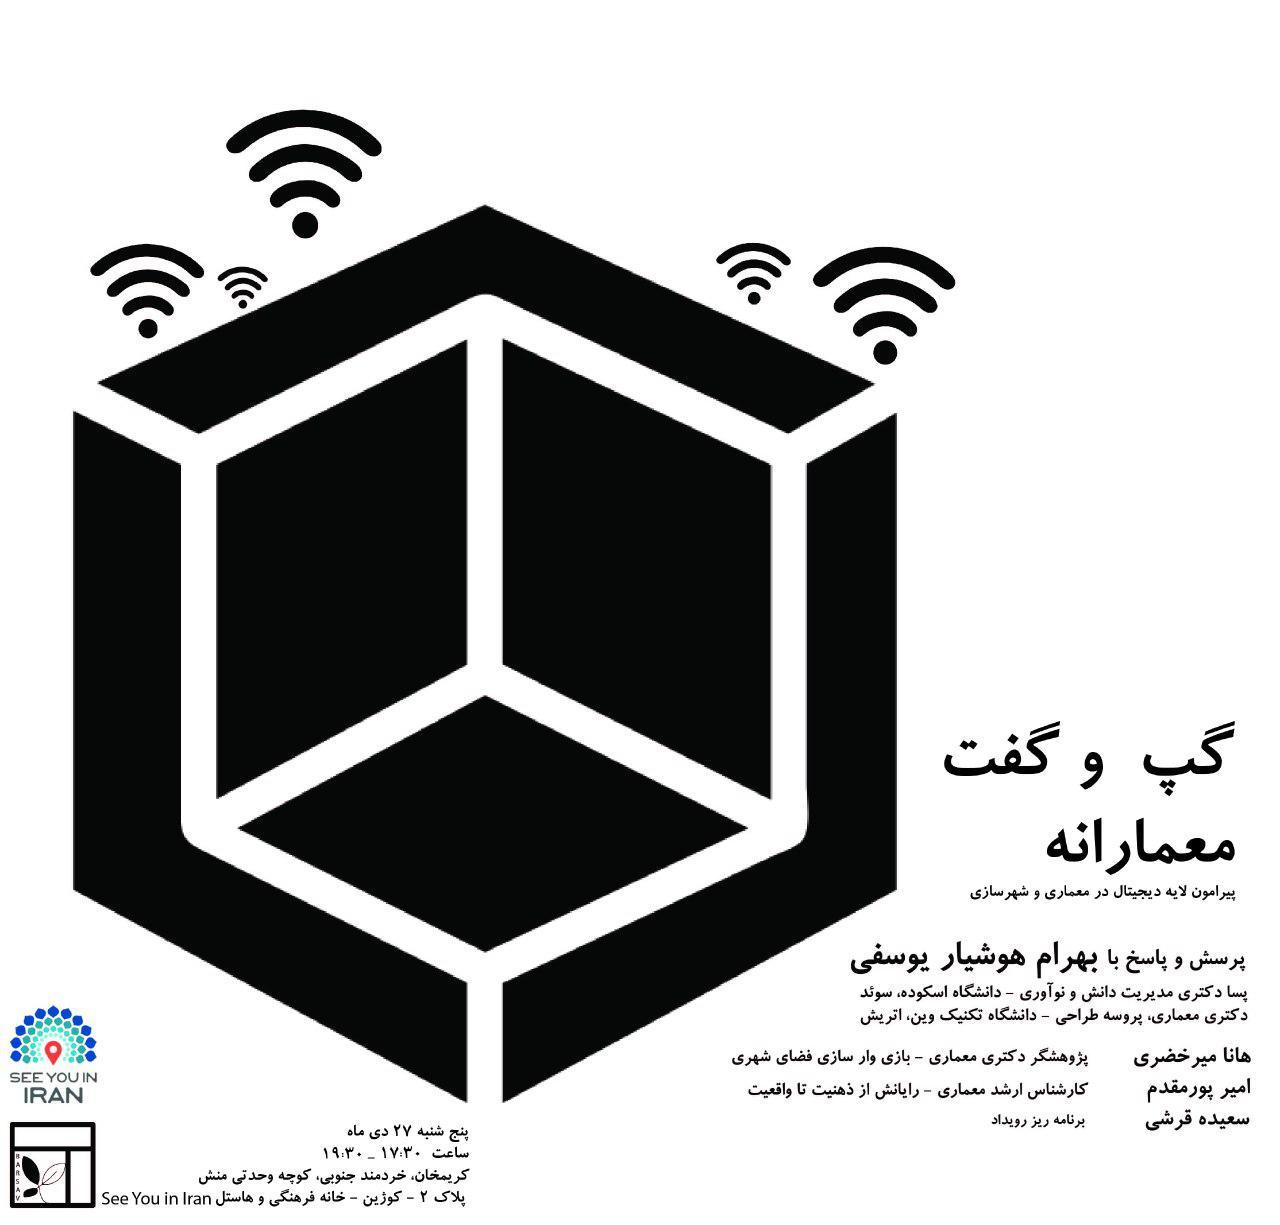 """نشست """"گپ و گفتی معمارانه پیرامون لایه دیجیتال در معماری و شهرسازی"""" برگزار می شود"""